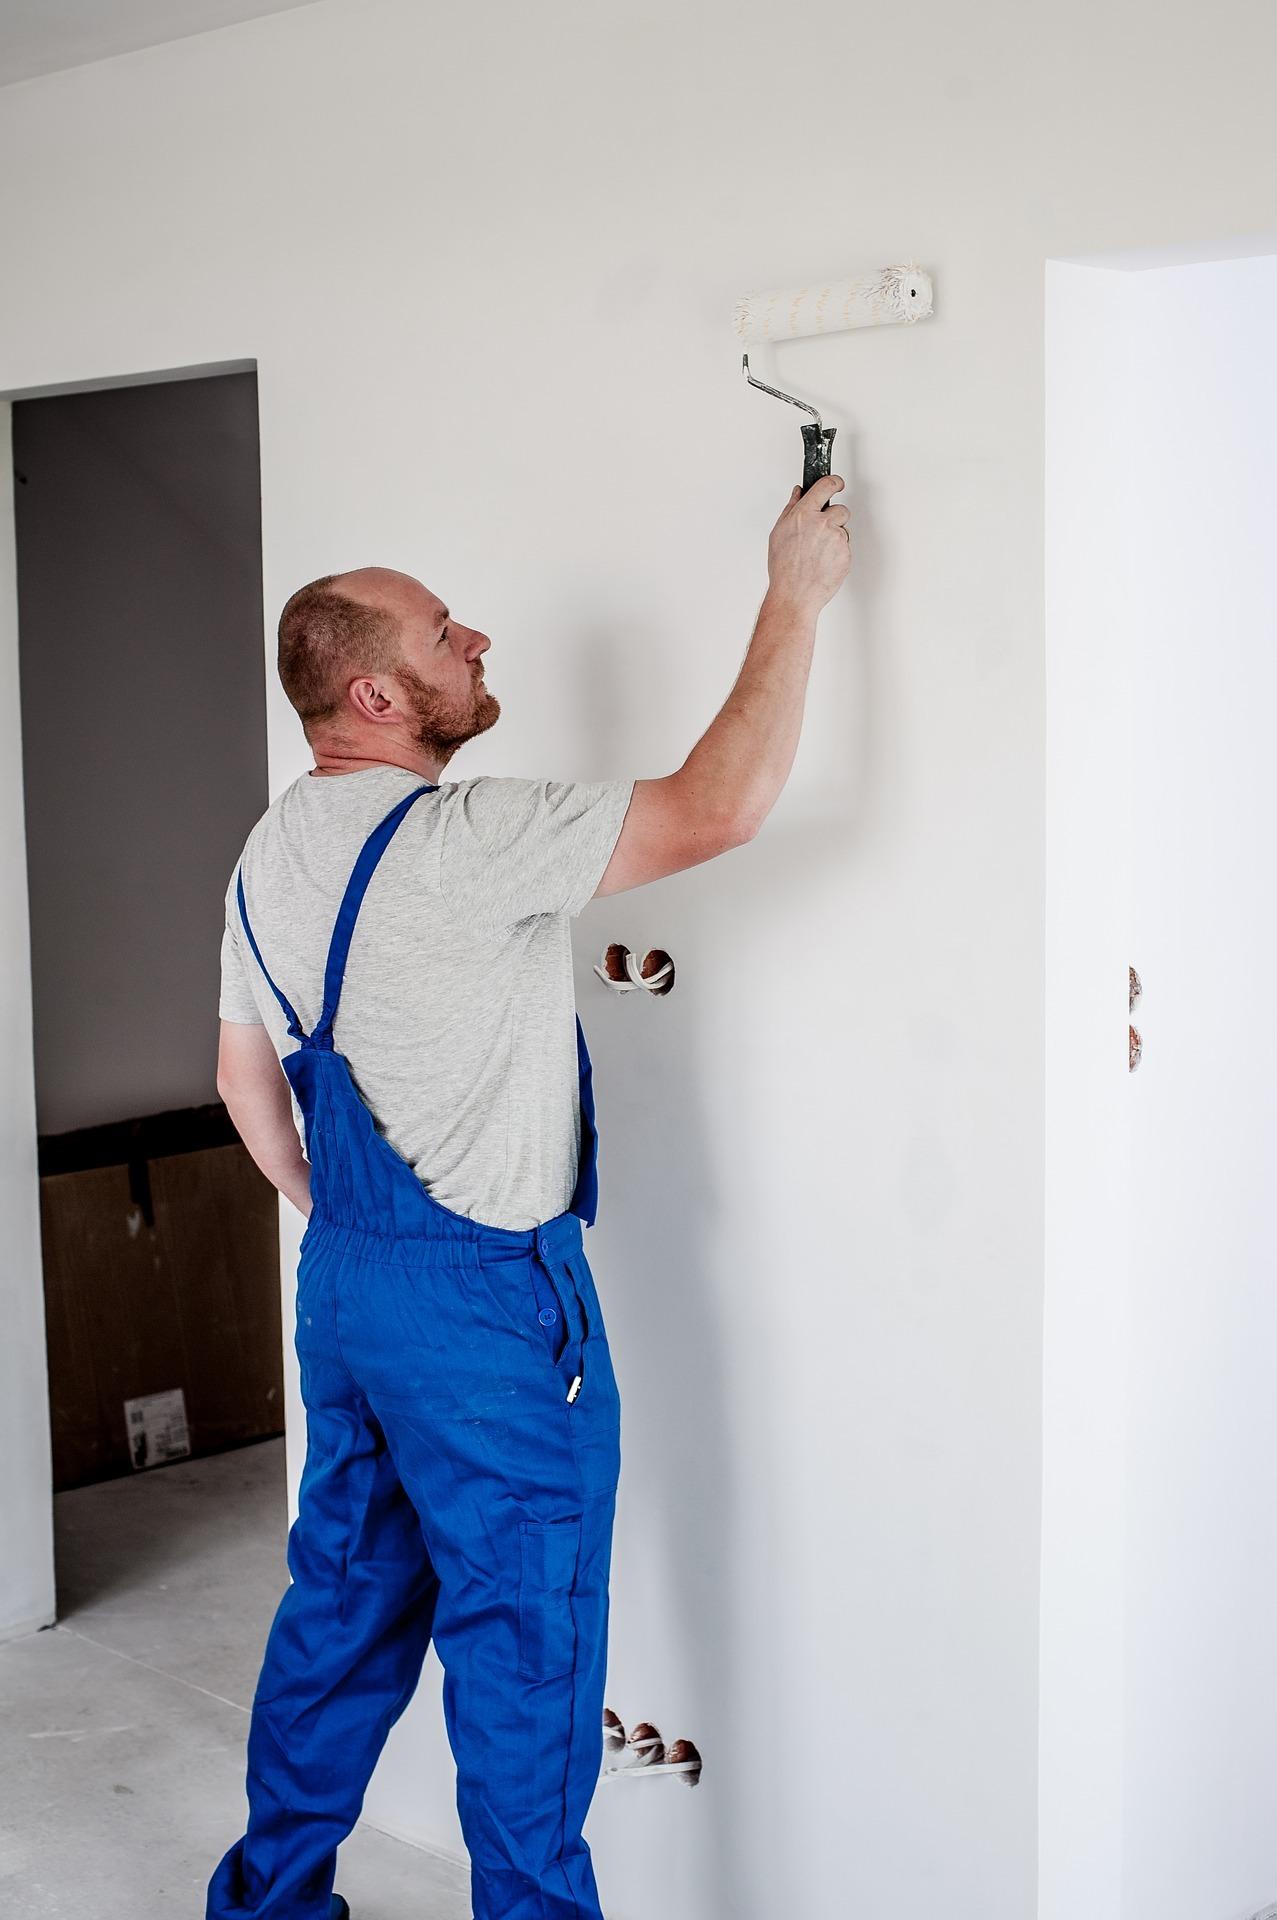 Maler und andere Handwerker sind oft Solo-Selbständige